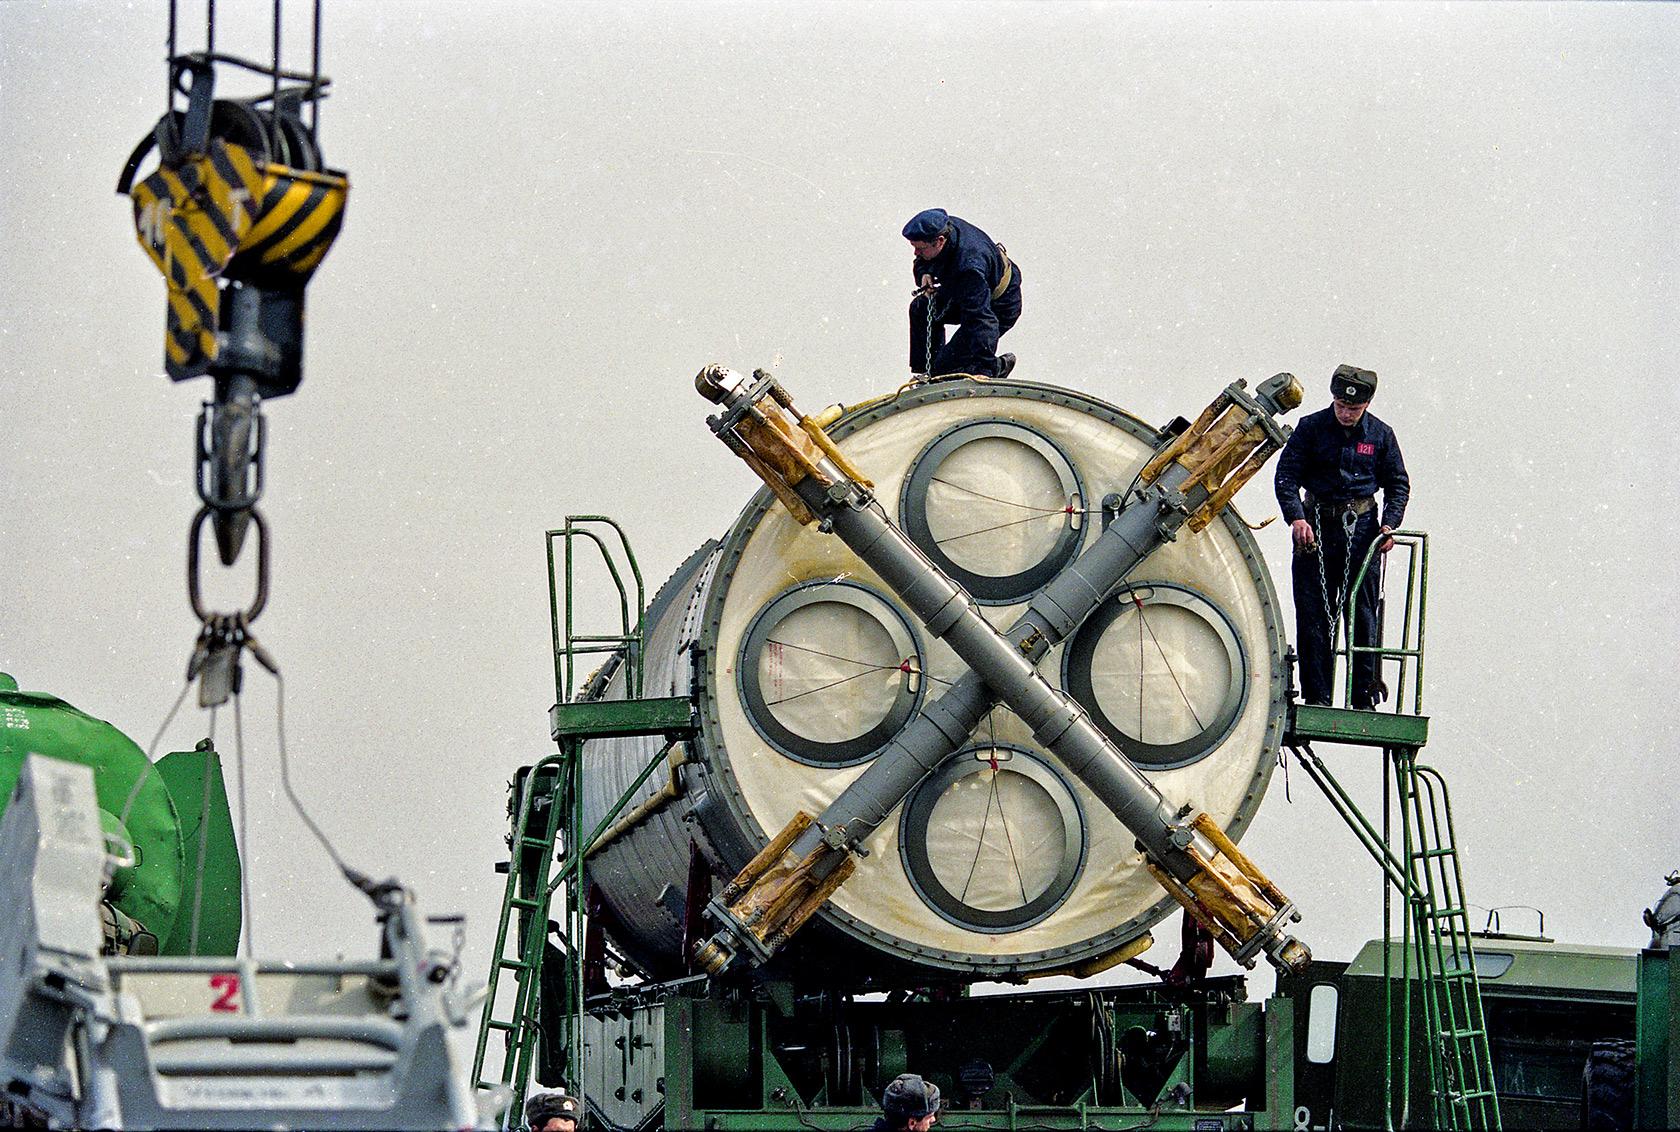 Ракету СС-19 готовят для перевозки. Первомайск, Николаевская область, март 1994 года